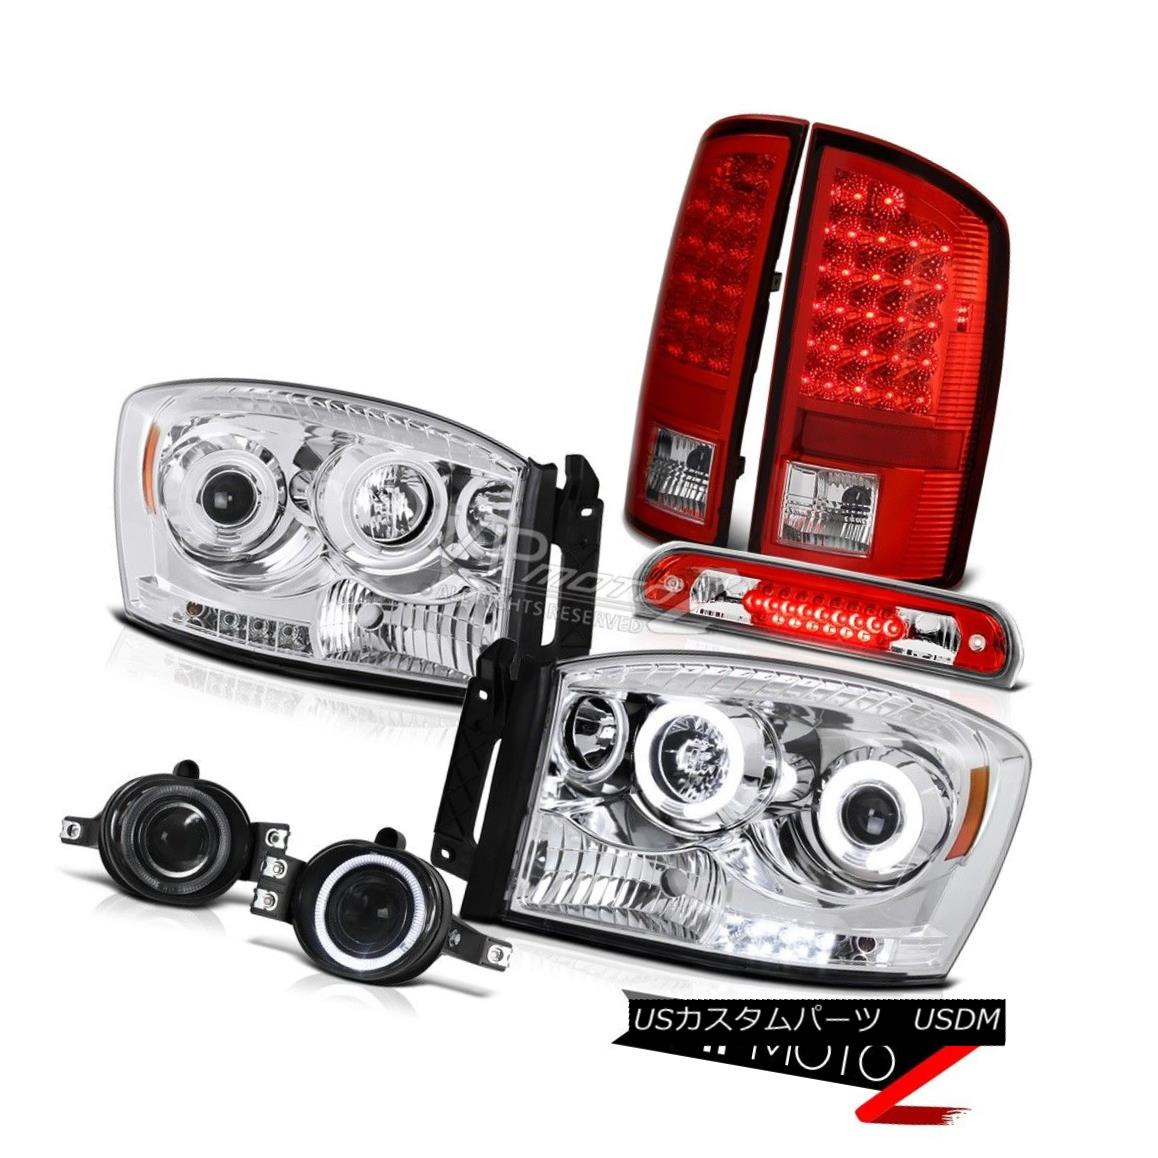 ヘッドライト Projector CCFL Halo LED Taillights Red Smoke Fog Roof Brake 2006 Dodge Ram WS プロジェクターCCFL Halo LED曇り赤い煙霧屋根ブレーキ2006 Dodge Ram WS